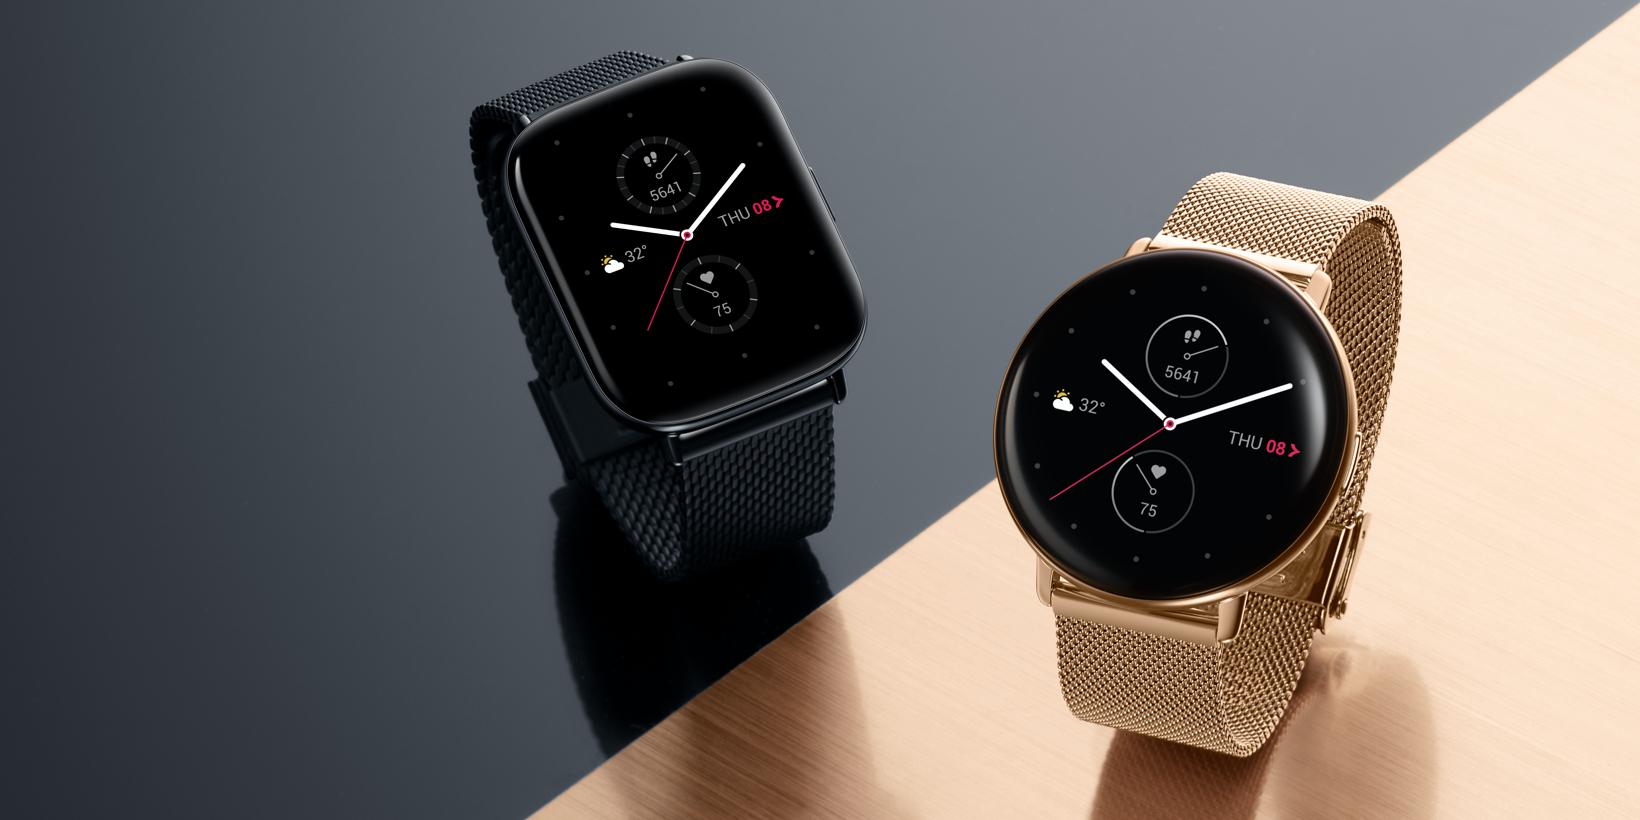 Výrobce hodinek Huami představil nový procesor a operační systém